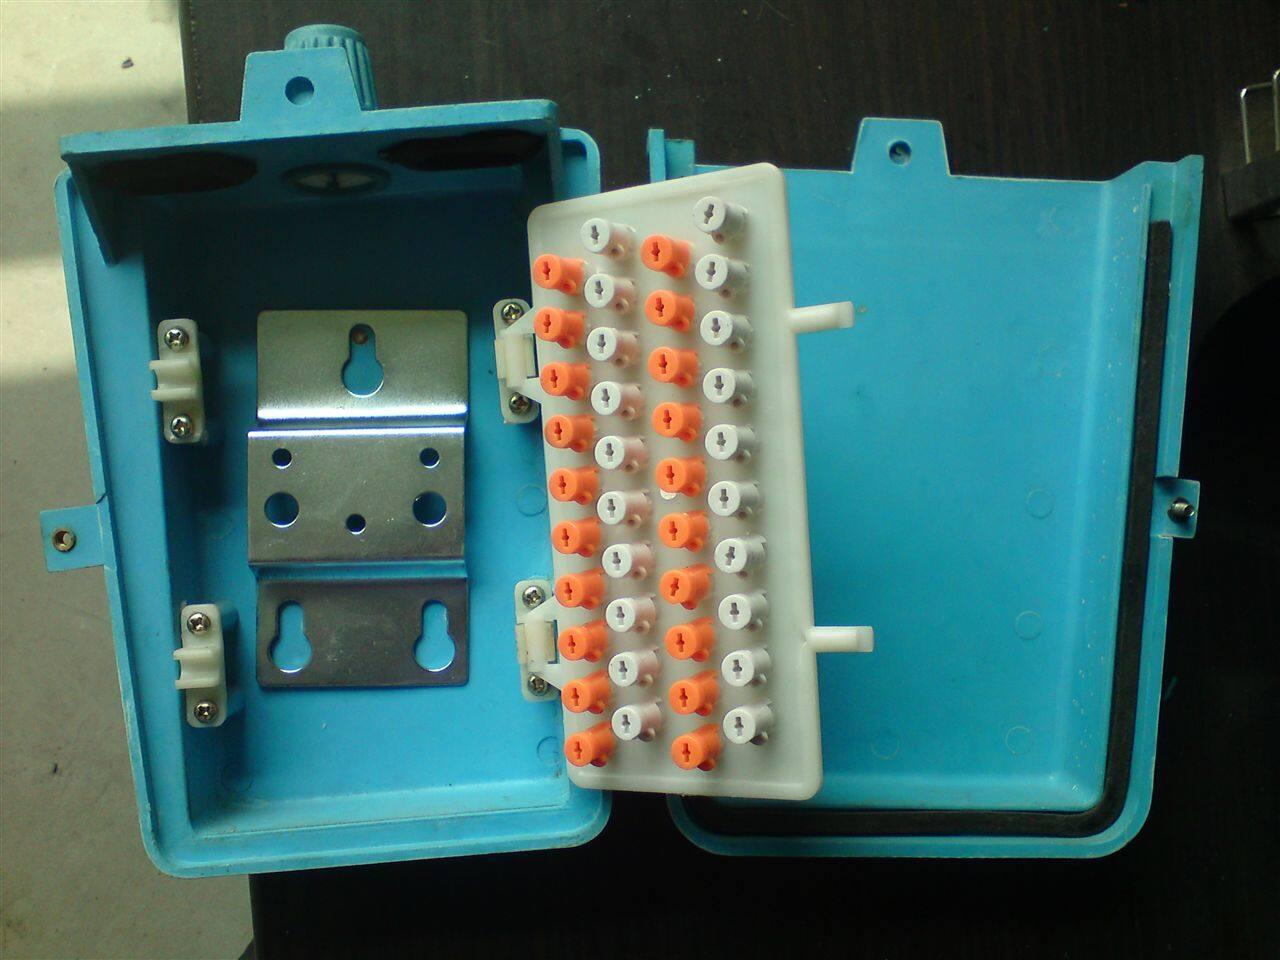 该产品采用先进的旋转卡接和压接两种接续方式,旋转卡接续,芯线自动卡接自动剥皮、自动剪断多余线头,接点不外露,接续快捷方便可靠。 2、接线端子板能够自由翻转,便于正反接线。 可直接夹住压线螺钉测试,测试方便,上下贯穿。 3、外壳采用铝合金压铸制造,防锈性强,安装方便。 4、接线端子板采用优质自熄性工程塑料ABS注塑成型,绝缘性能好。其阻燃达到GB—4609规定FU—0标准。 5、技术指标 环境温度:-55—+55 适用电缆:芯线0.